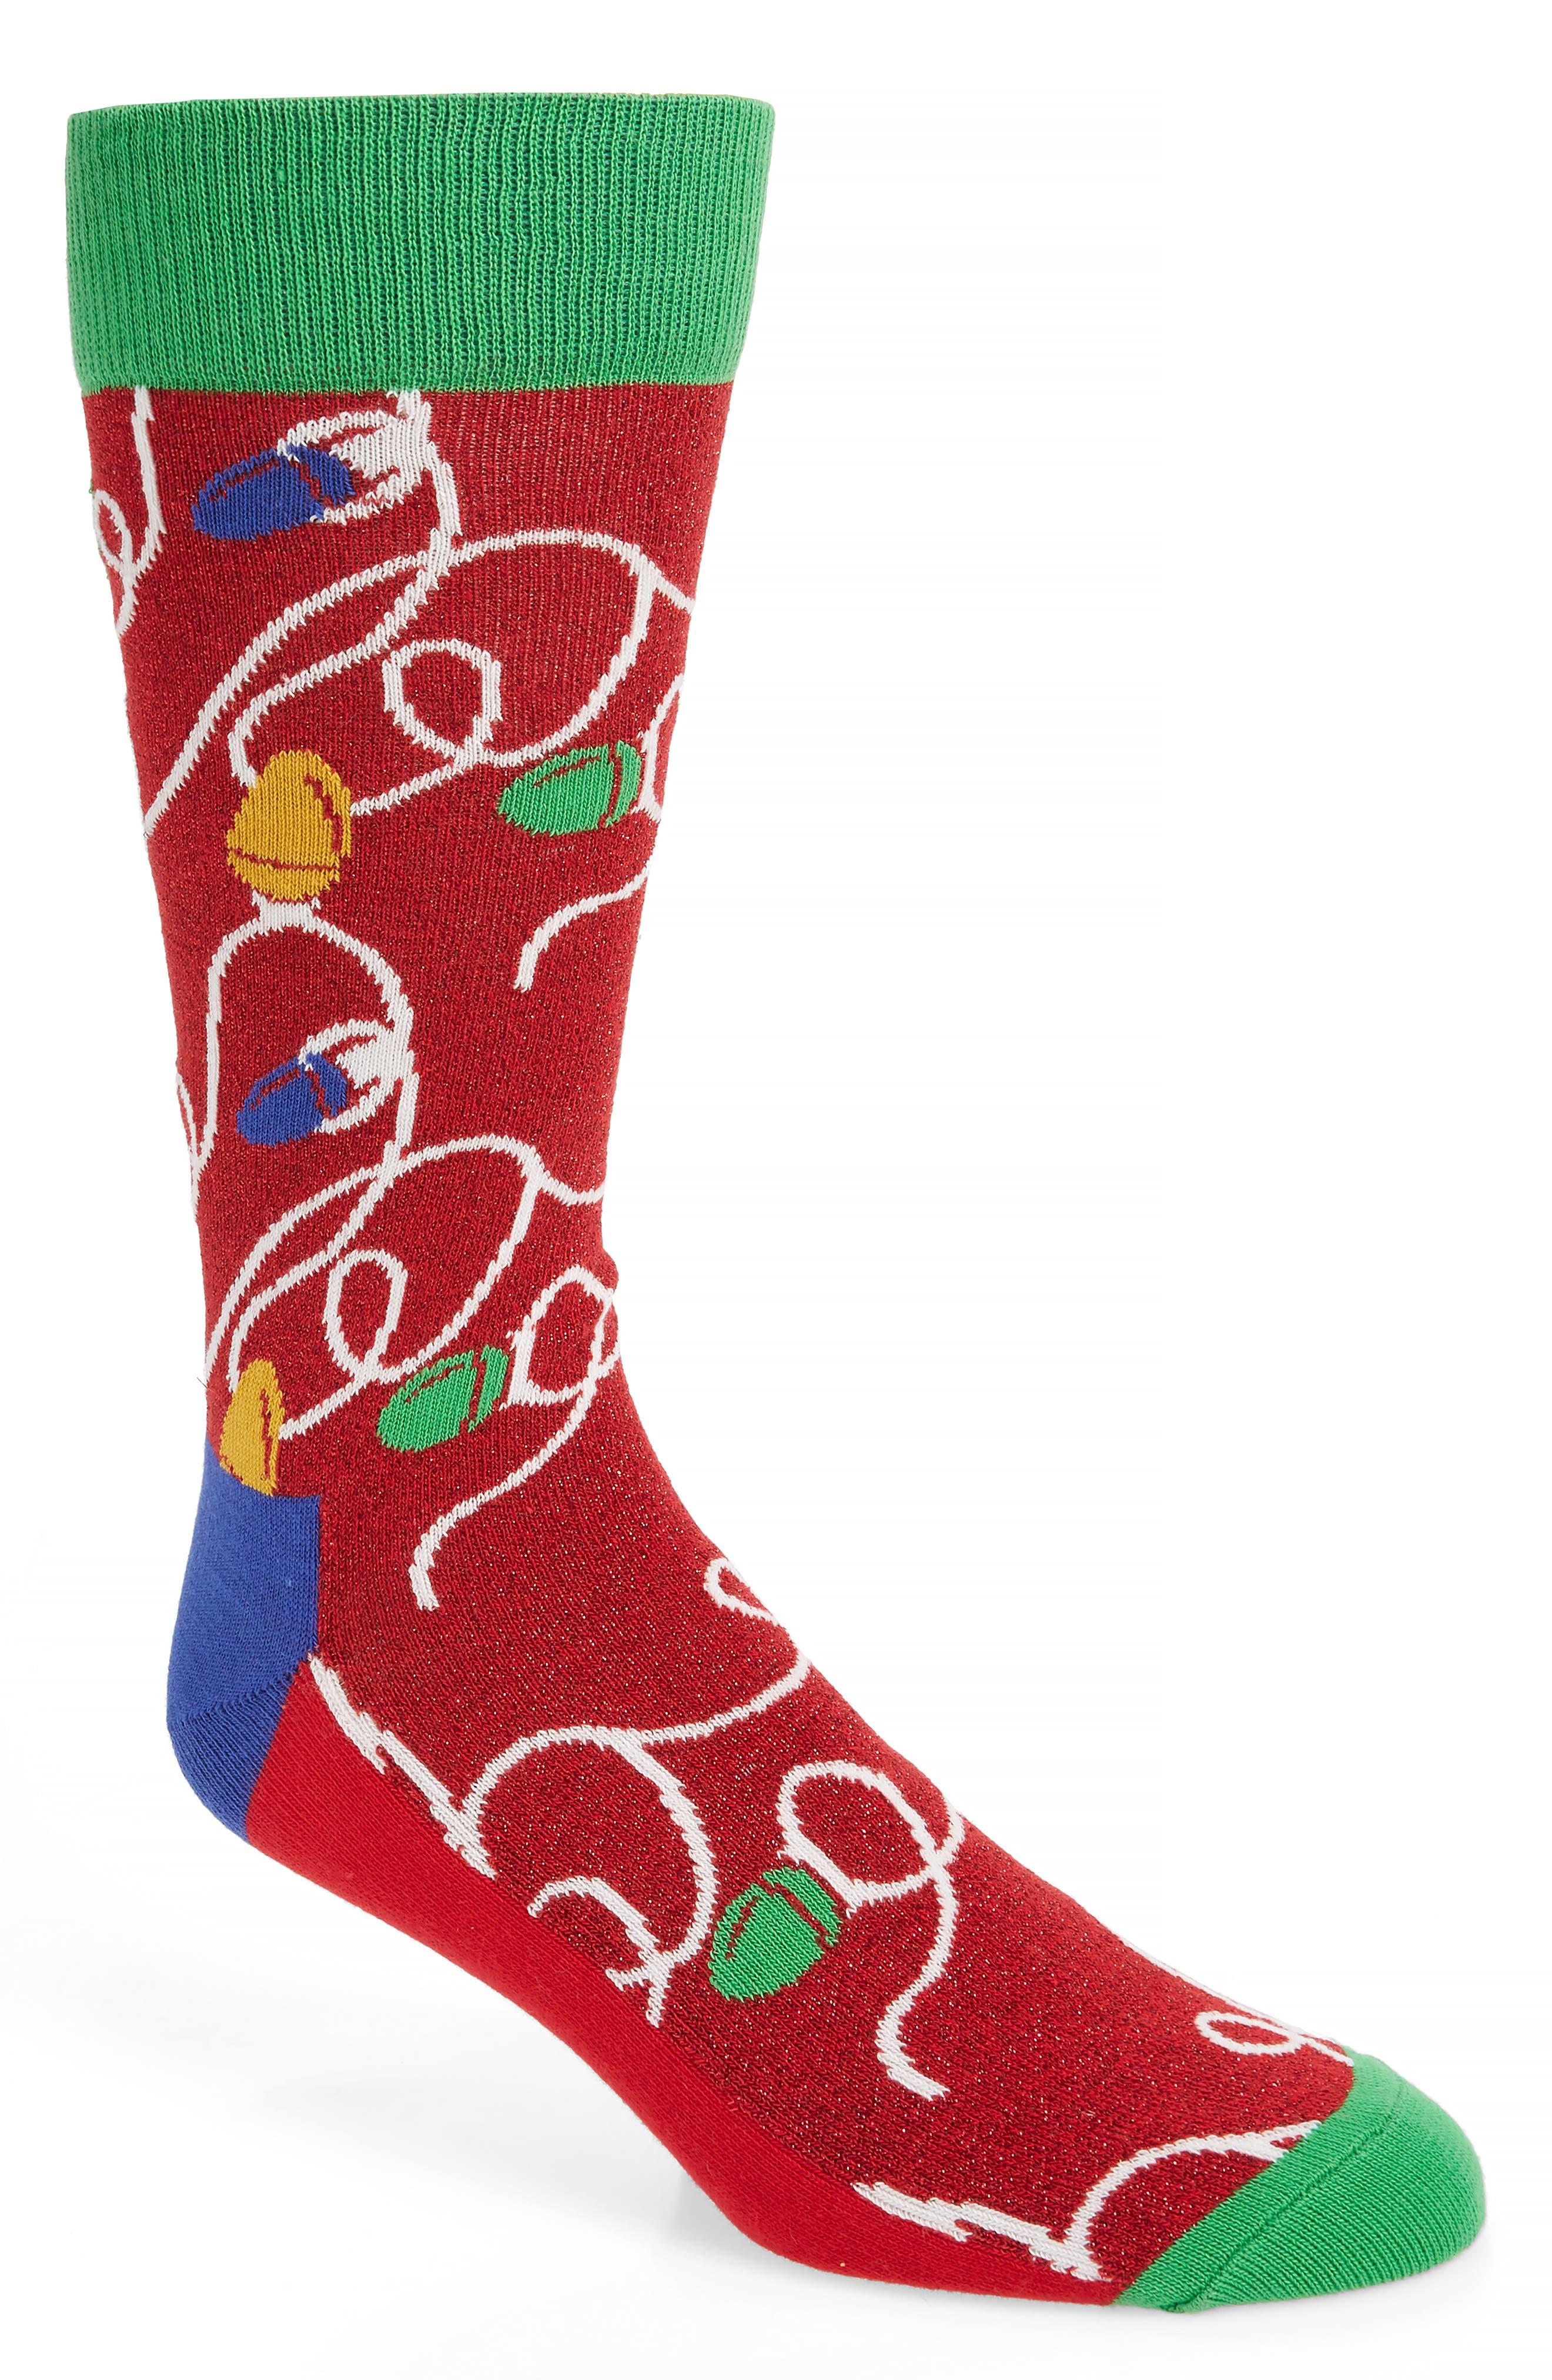 Holiday Lights Socks,                             Main thumbnail 1, color,                             614